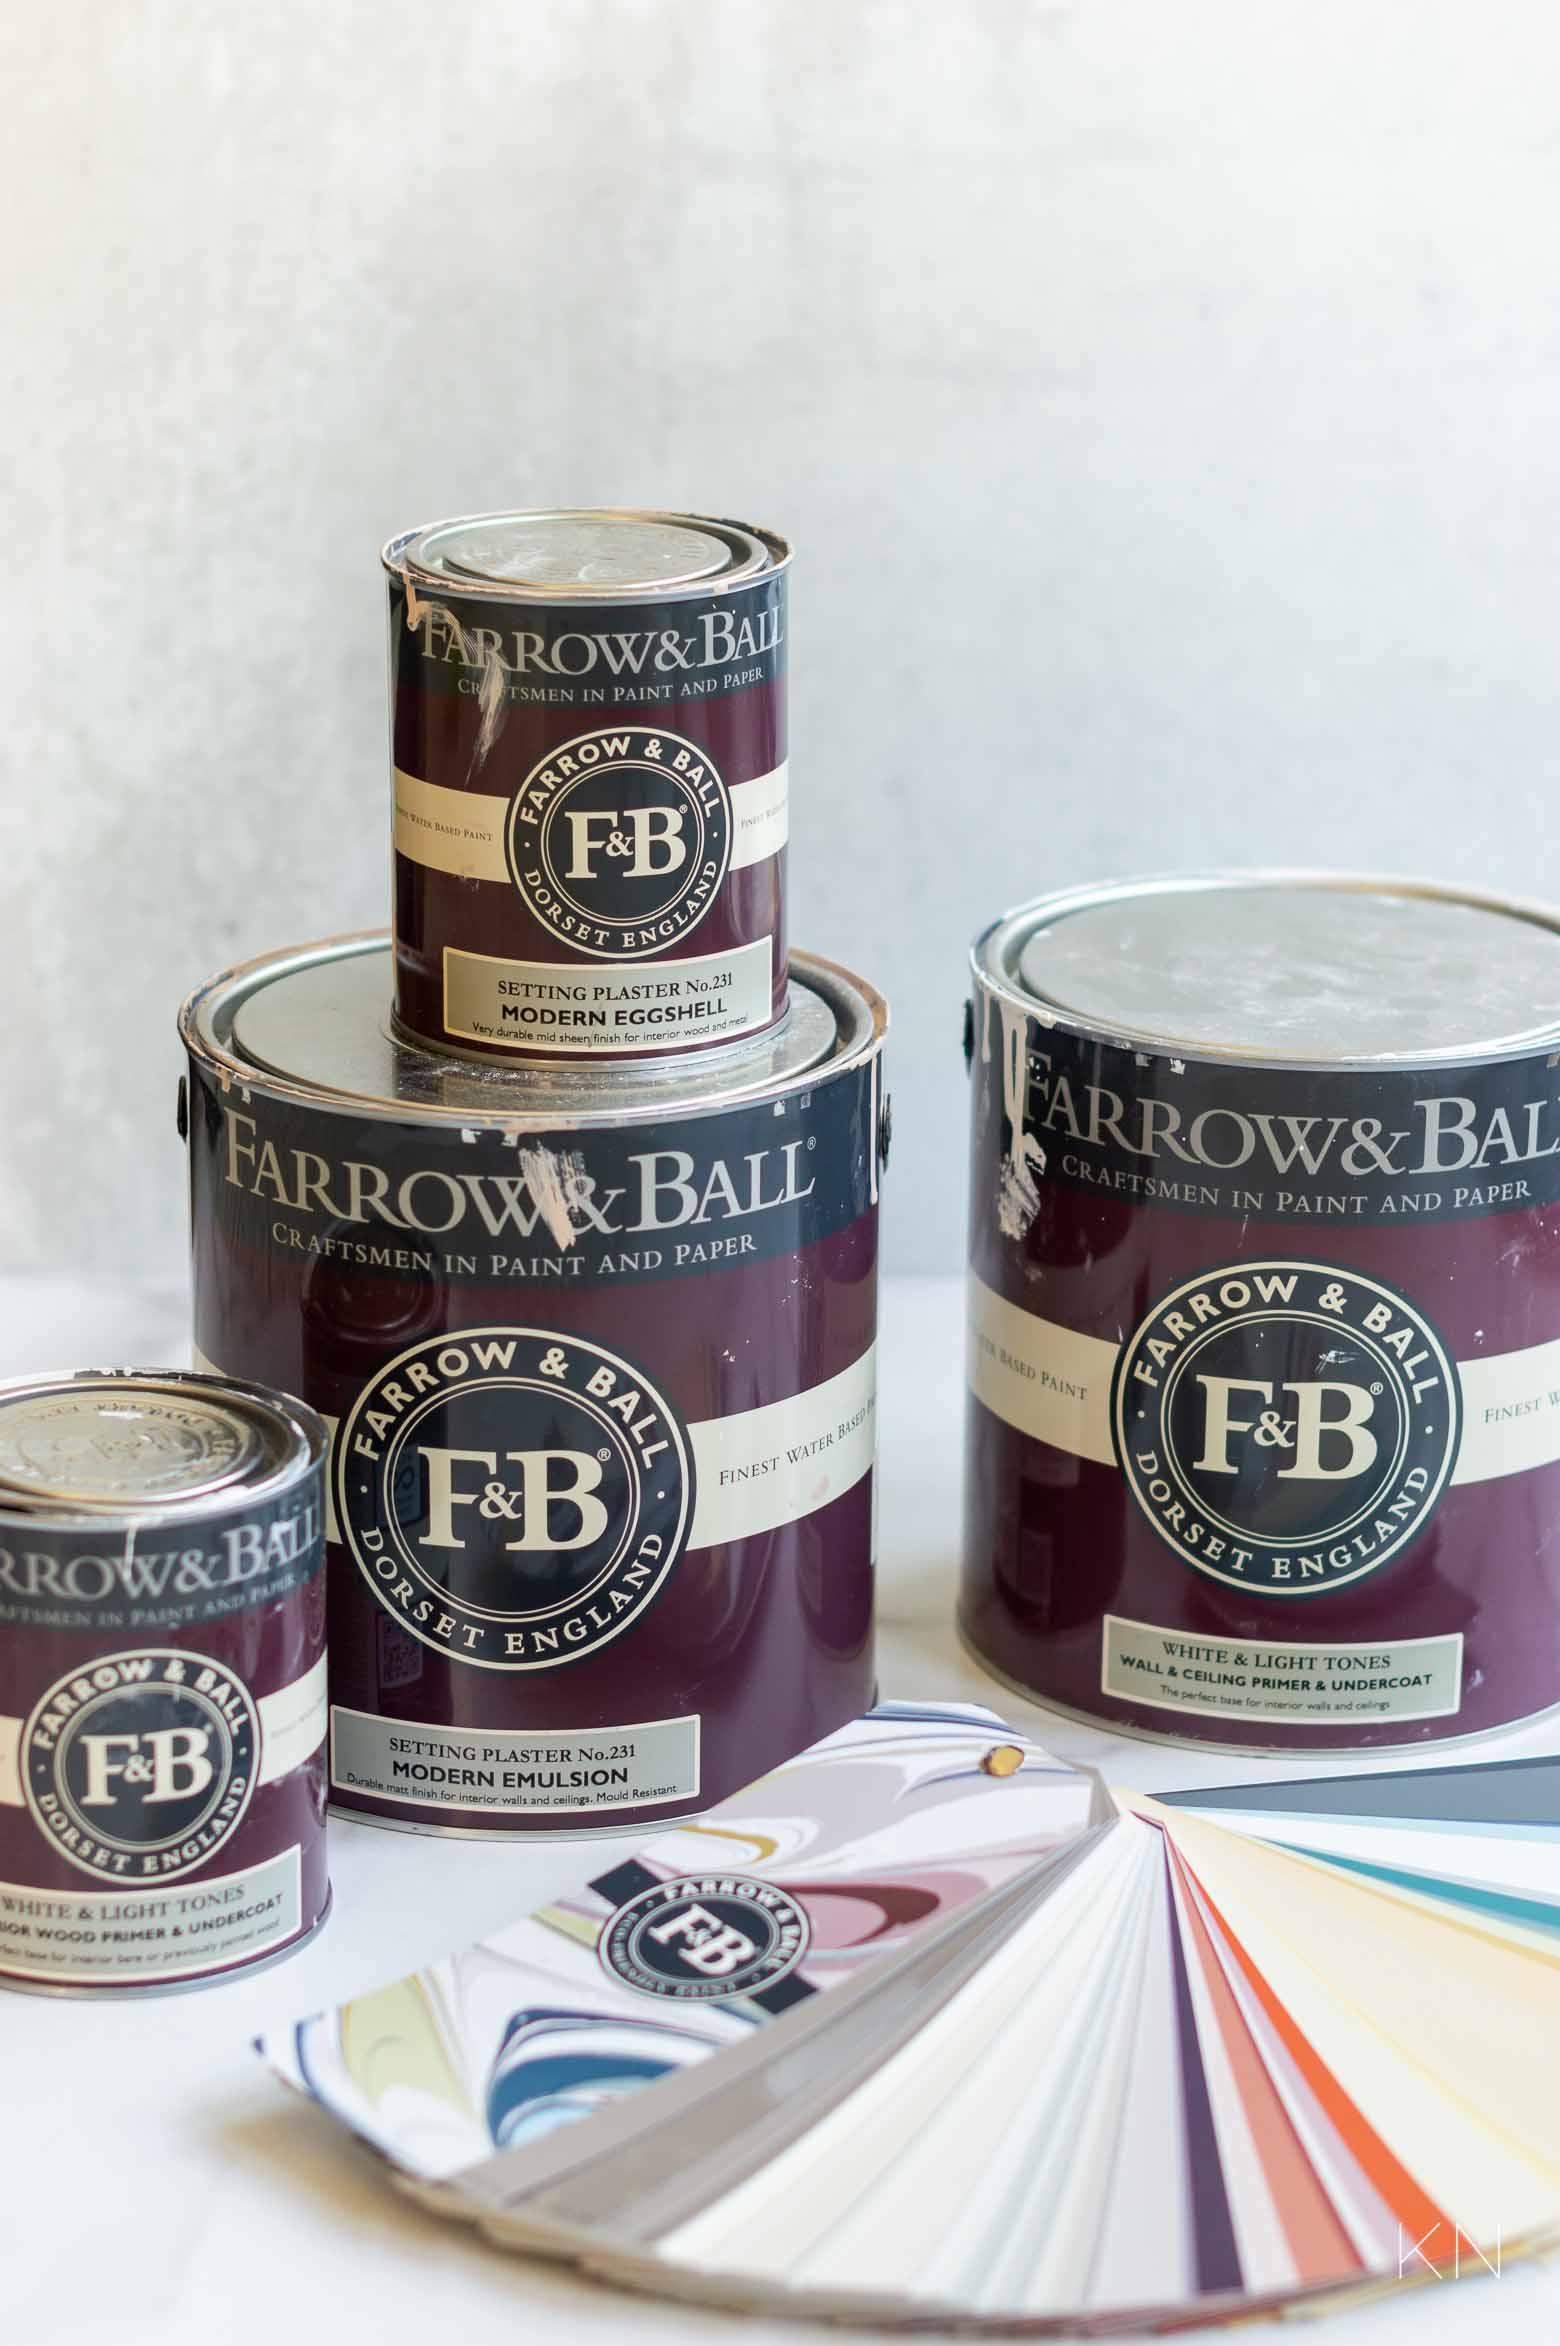 Farrow & Ball Paint for Bathroom